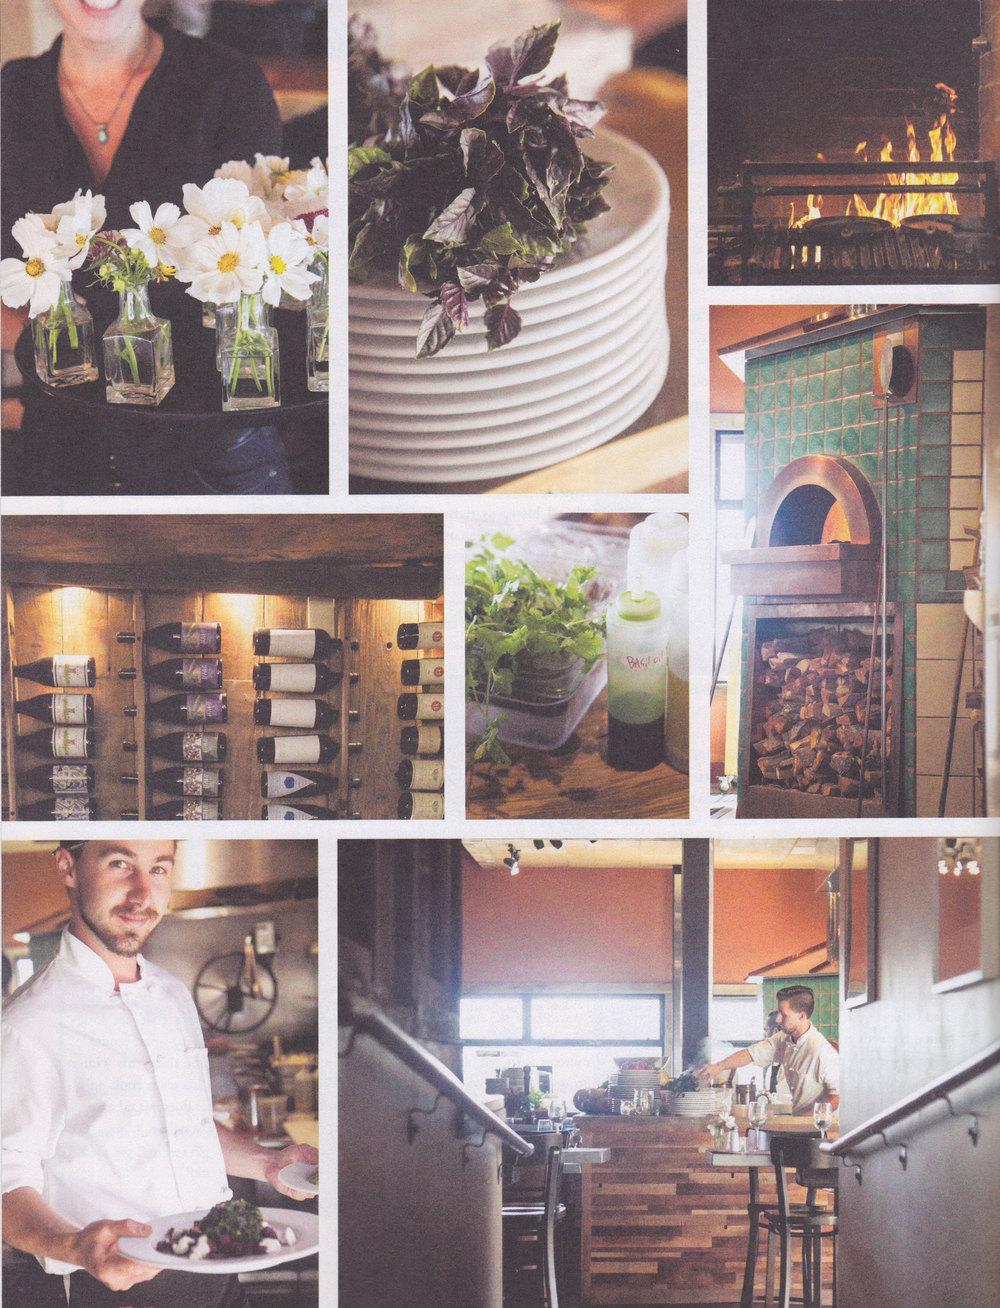 kendra-aronson-edible-slo-ember-restaurant-3.jpg